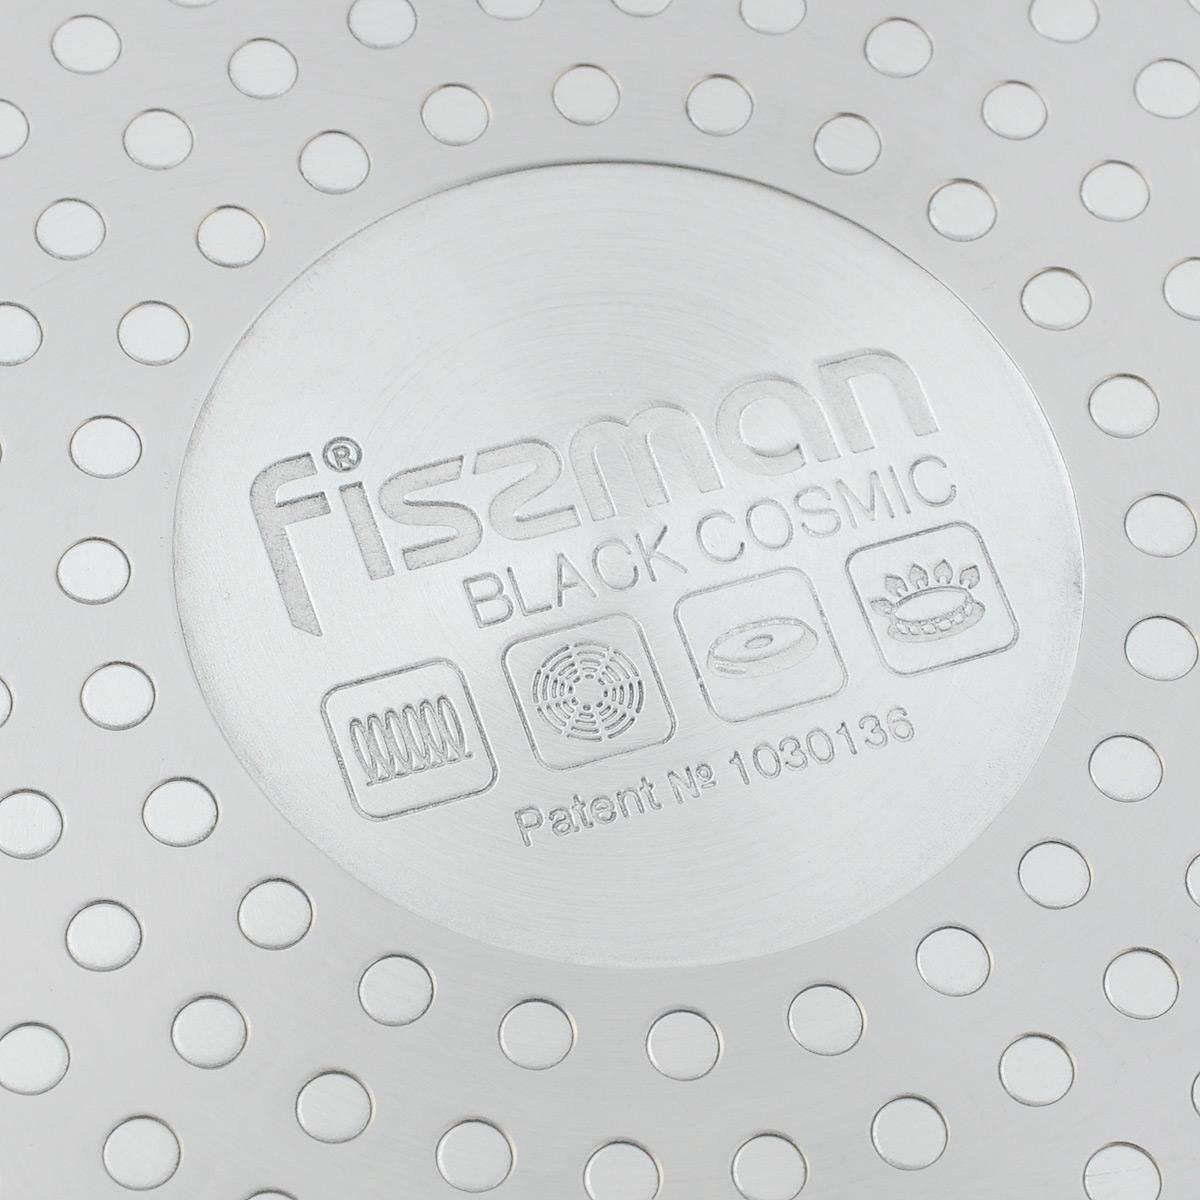 """Сковорода Fissman """"Black Cosmic"""" изготовлена из литого алюминия с  многослойным  сверхпрочным антипригарным покрытием Platinum. Главное его преимущество -  это  нескольких слоев каменной крошки на основе минеральных компонентов. Такое  антипригарное покрытие безопасно для здоровья и окружающей среды.  Сковорода обладает  великолепными антипригарными свойствами, она долговечна и износостойка.  Изделие  имеет съемную ручку, что позволяет использовать его в духовом шкафу.   Стильная,  удобная, долговечная сковорода """"Black Cosmic"""" найдет свое место на любой  кухне. Подходит для использования на газовых, электрических и стеклокерамических  плитах, а также на  индукционных. Можно мыть в посудомоечной машине. Диаметр сковороды: 24 см. Высота стенки: 4,9 см. Длина ручки: 19 см."""